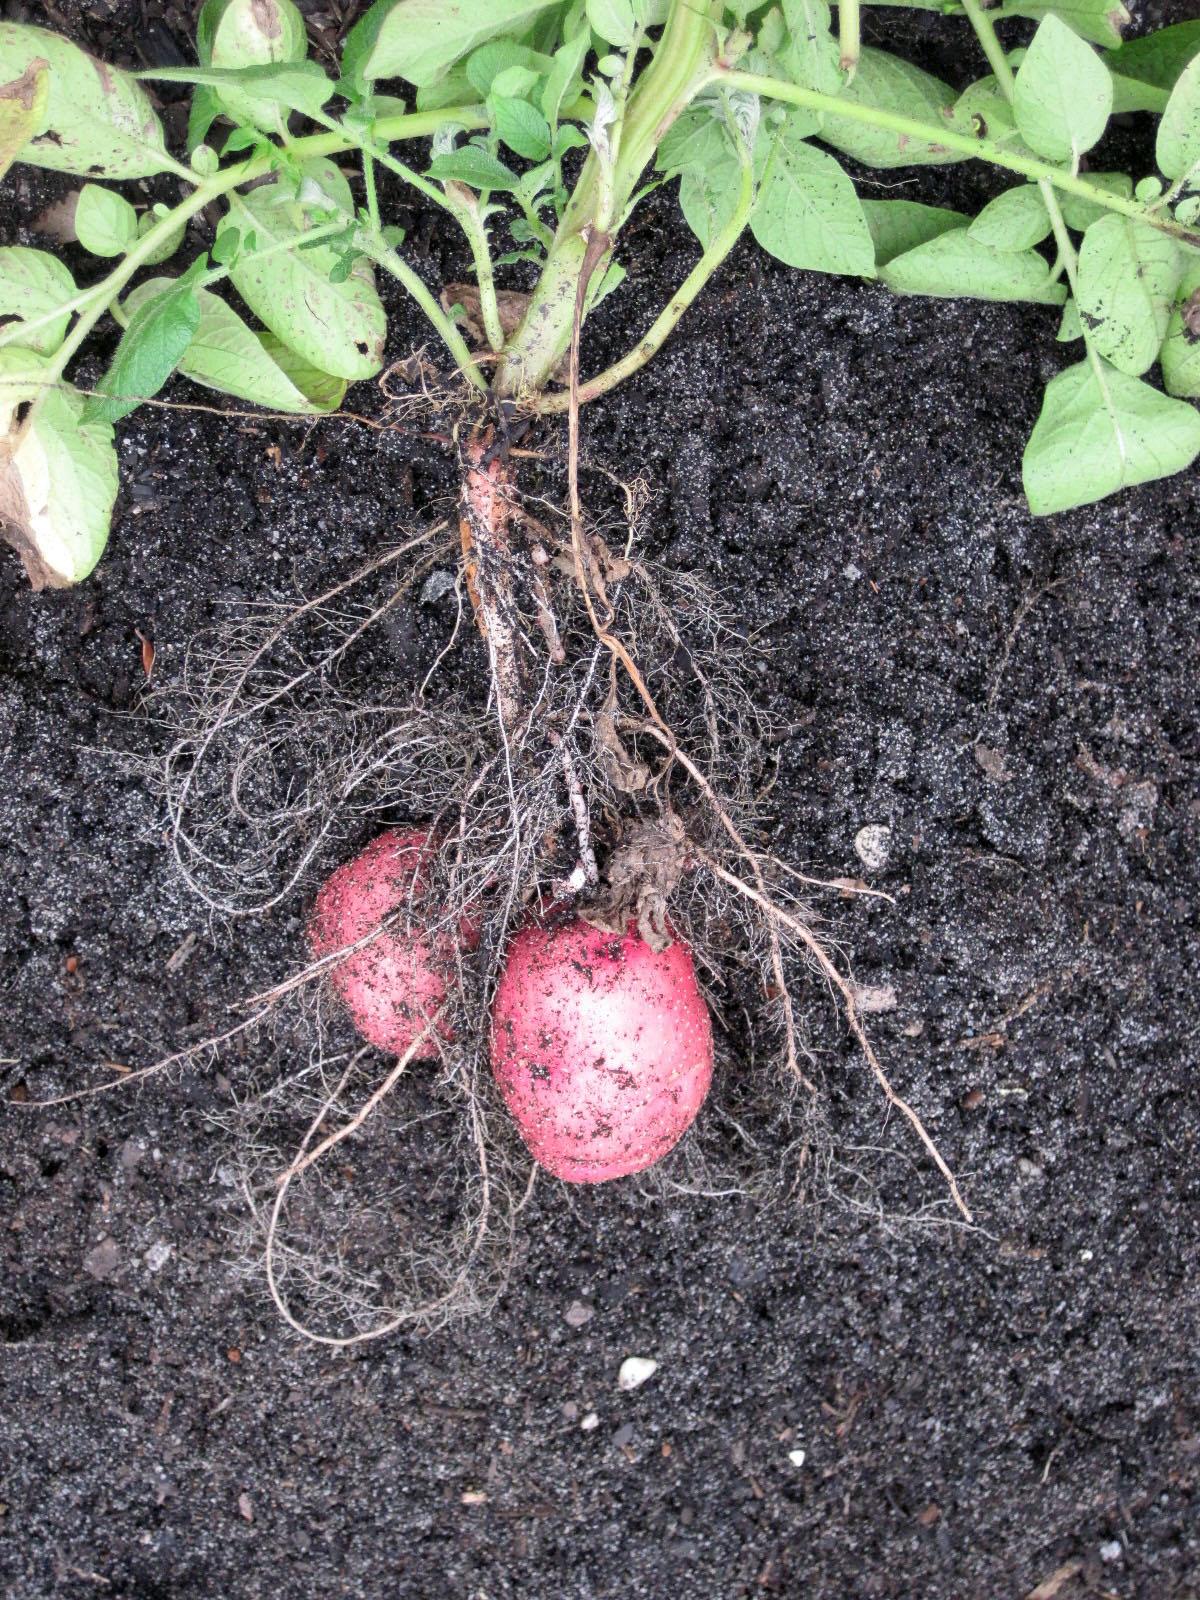 At Bang Elementary, Red potato plant